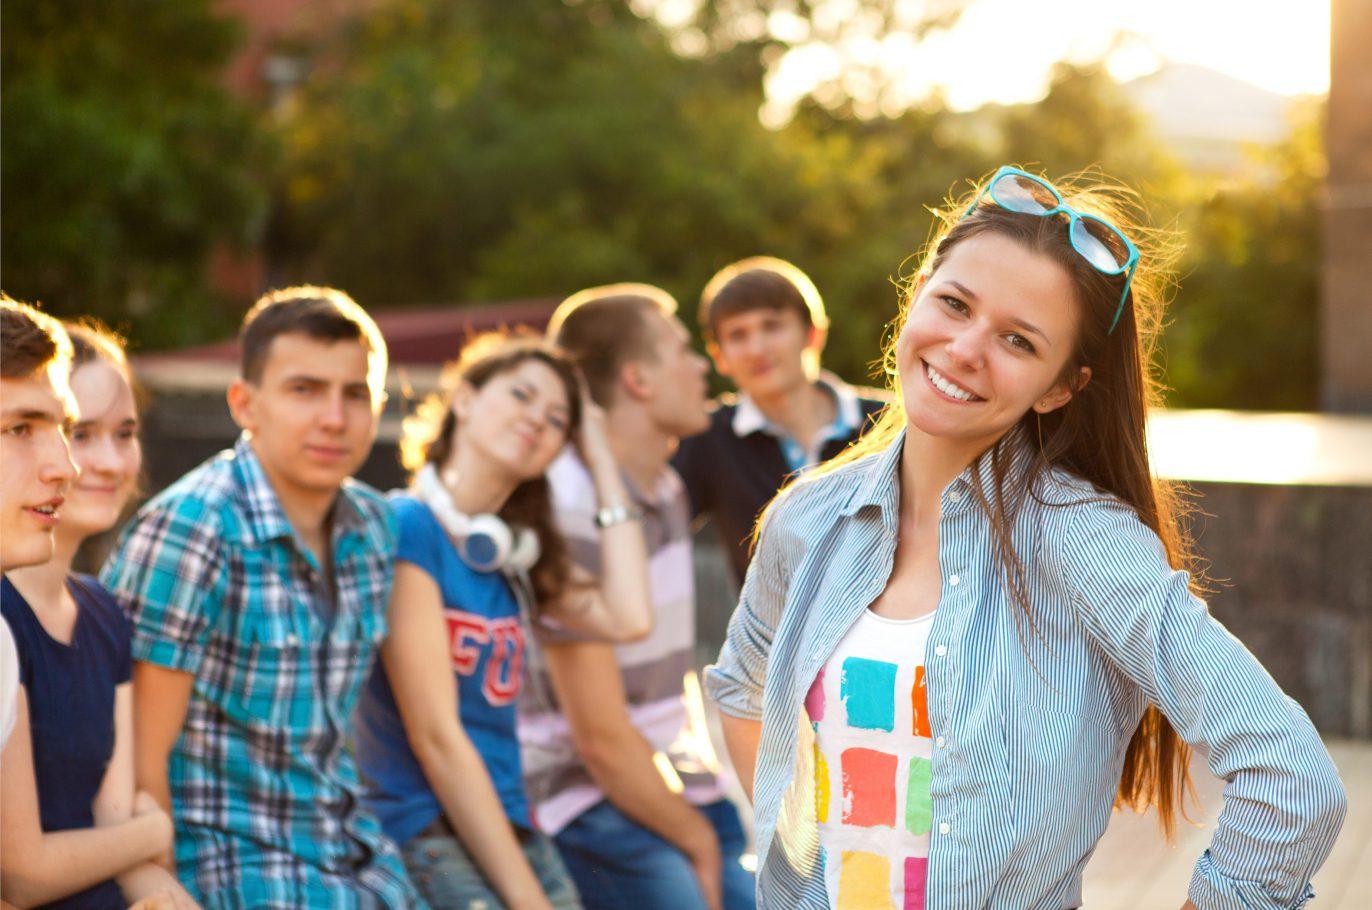 Jugendliche haben Spaß ohne Alkohol